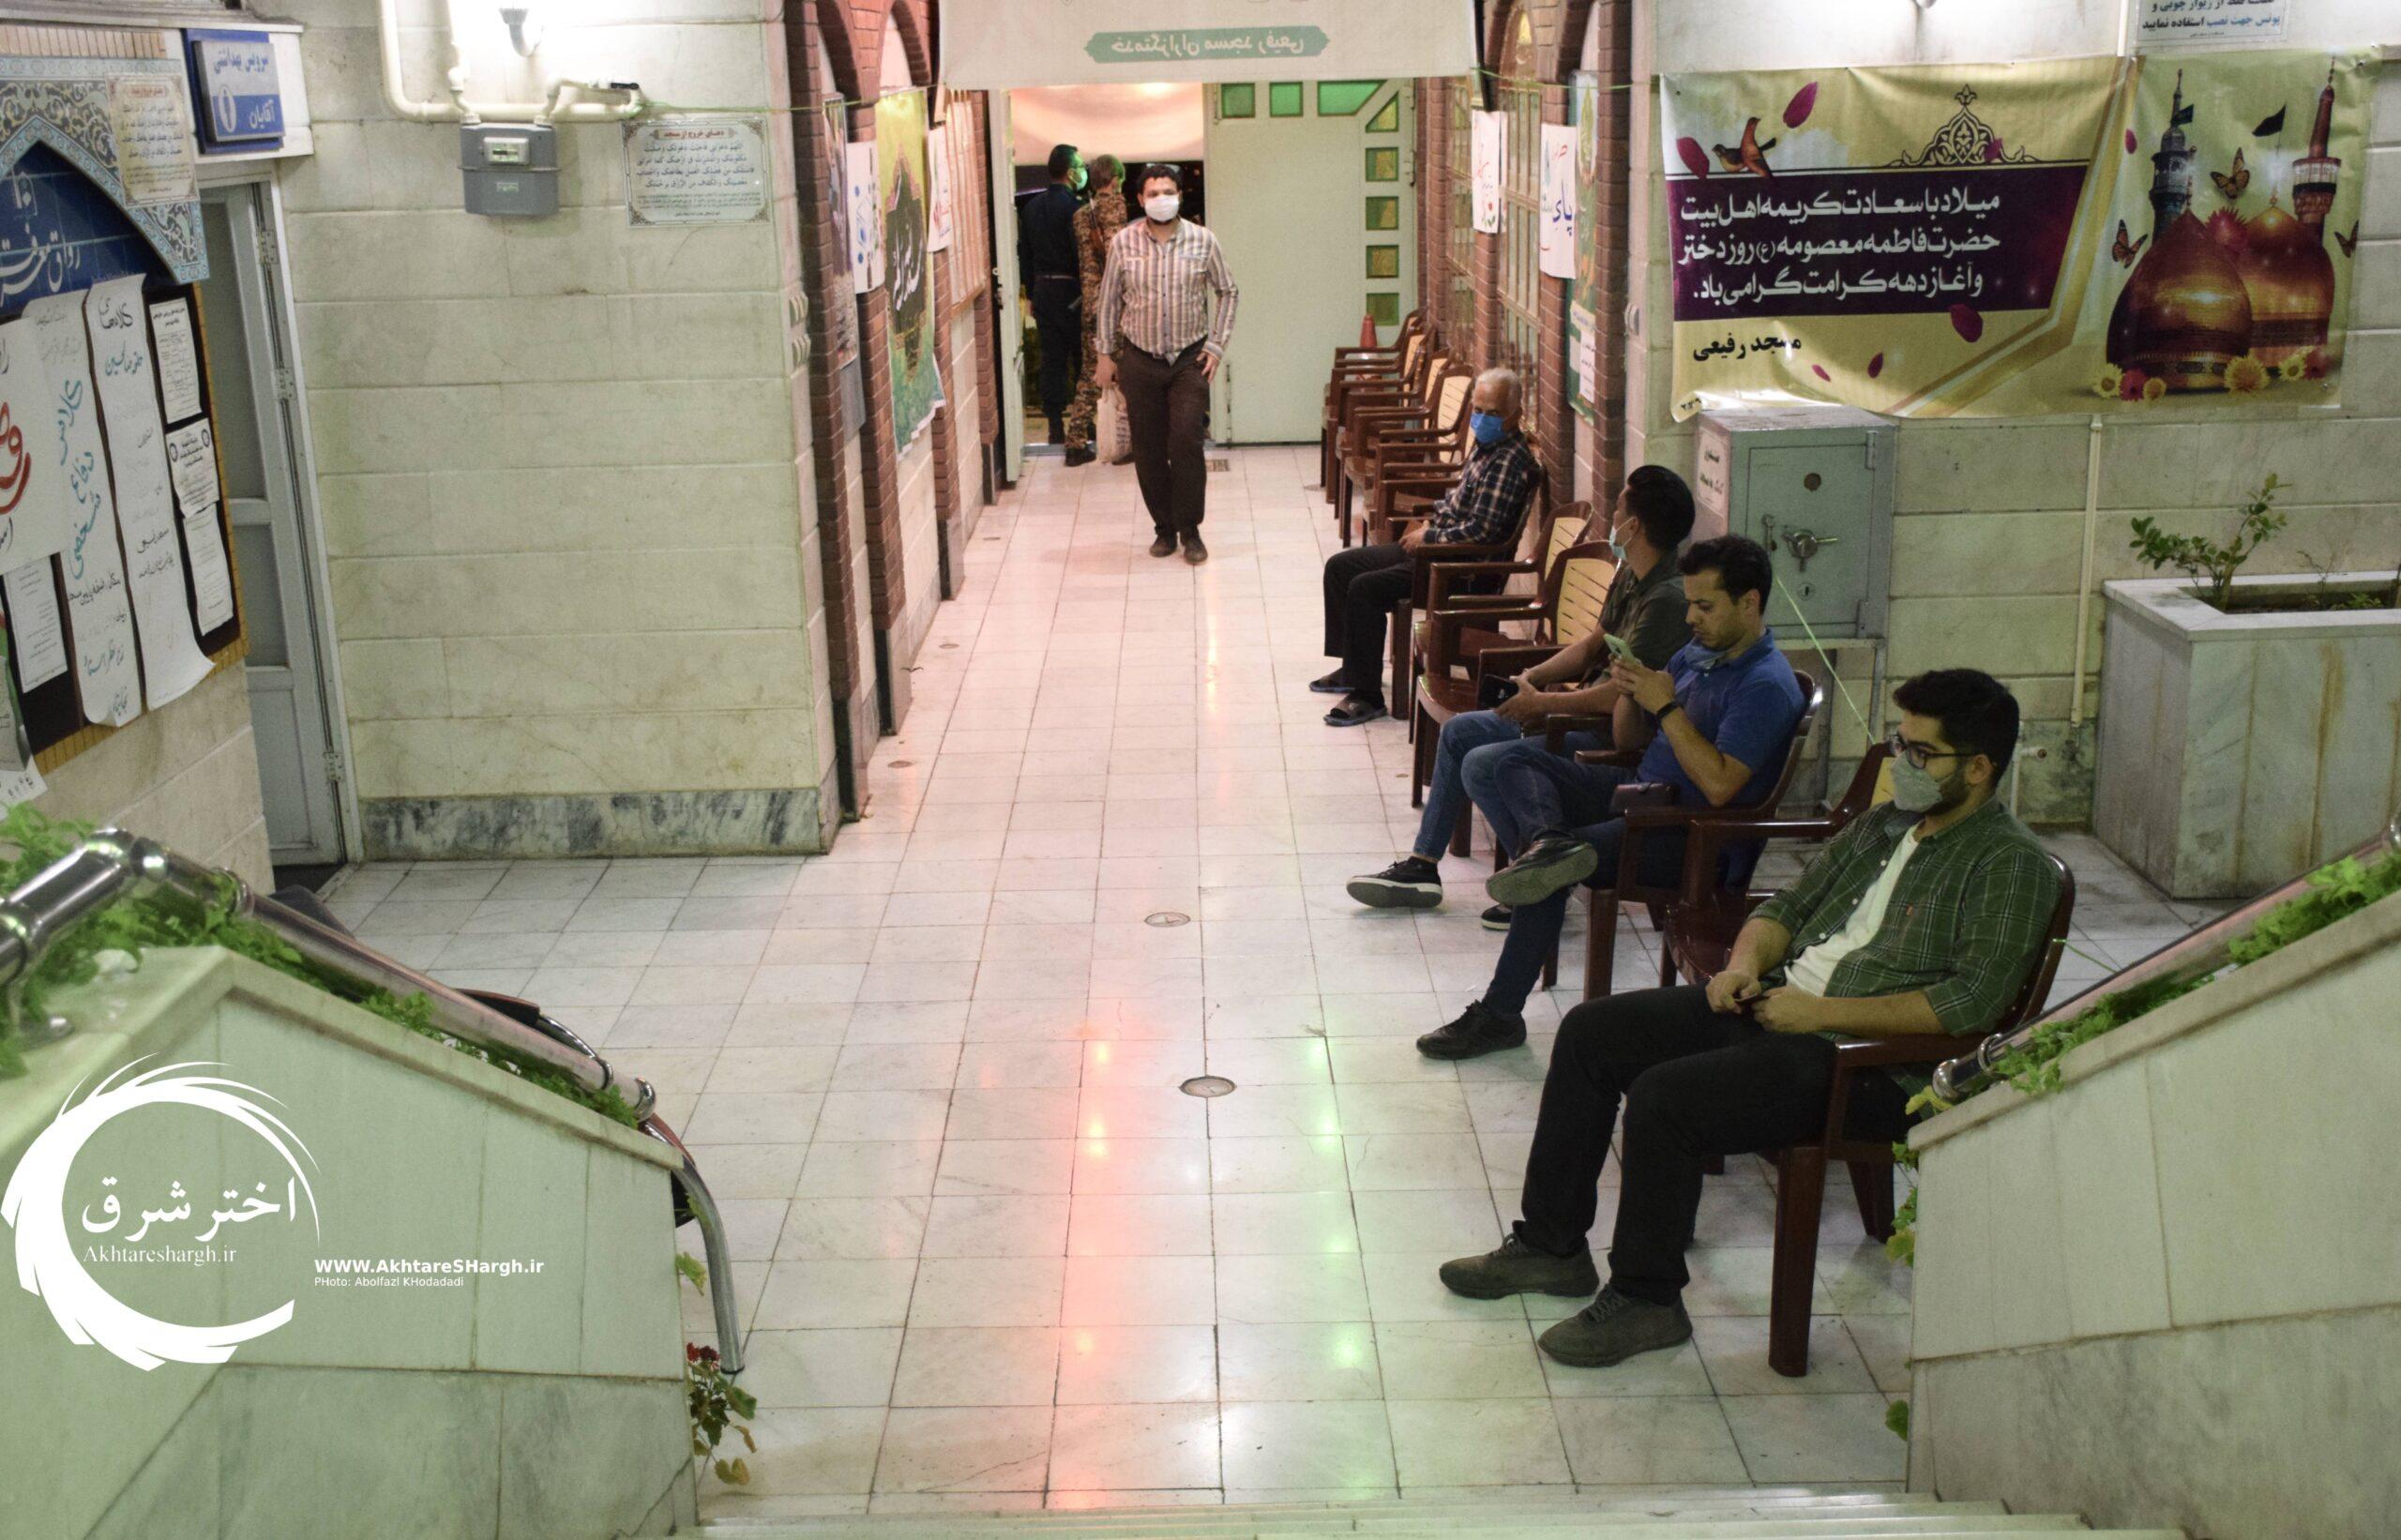 گزارش تصویری از حضور مردم مشهد در پای صندوقهای رأی